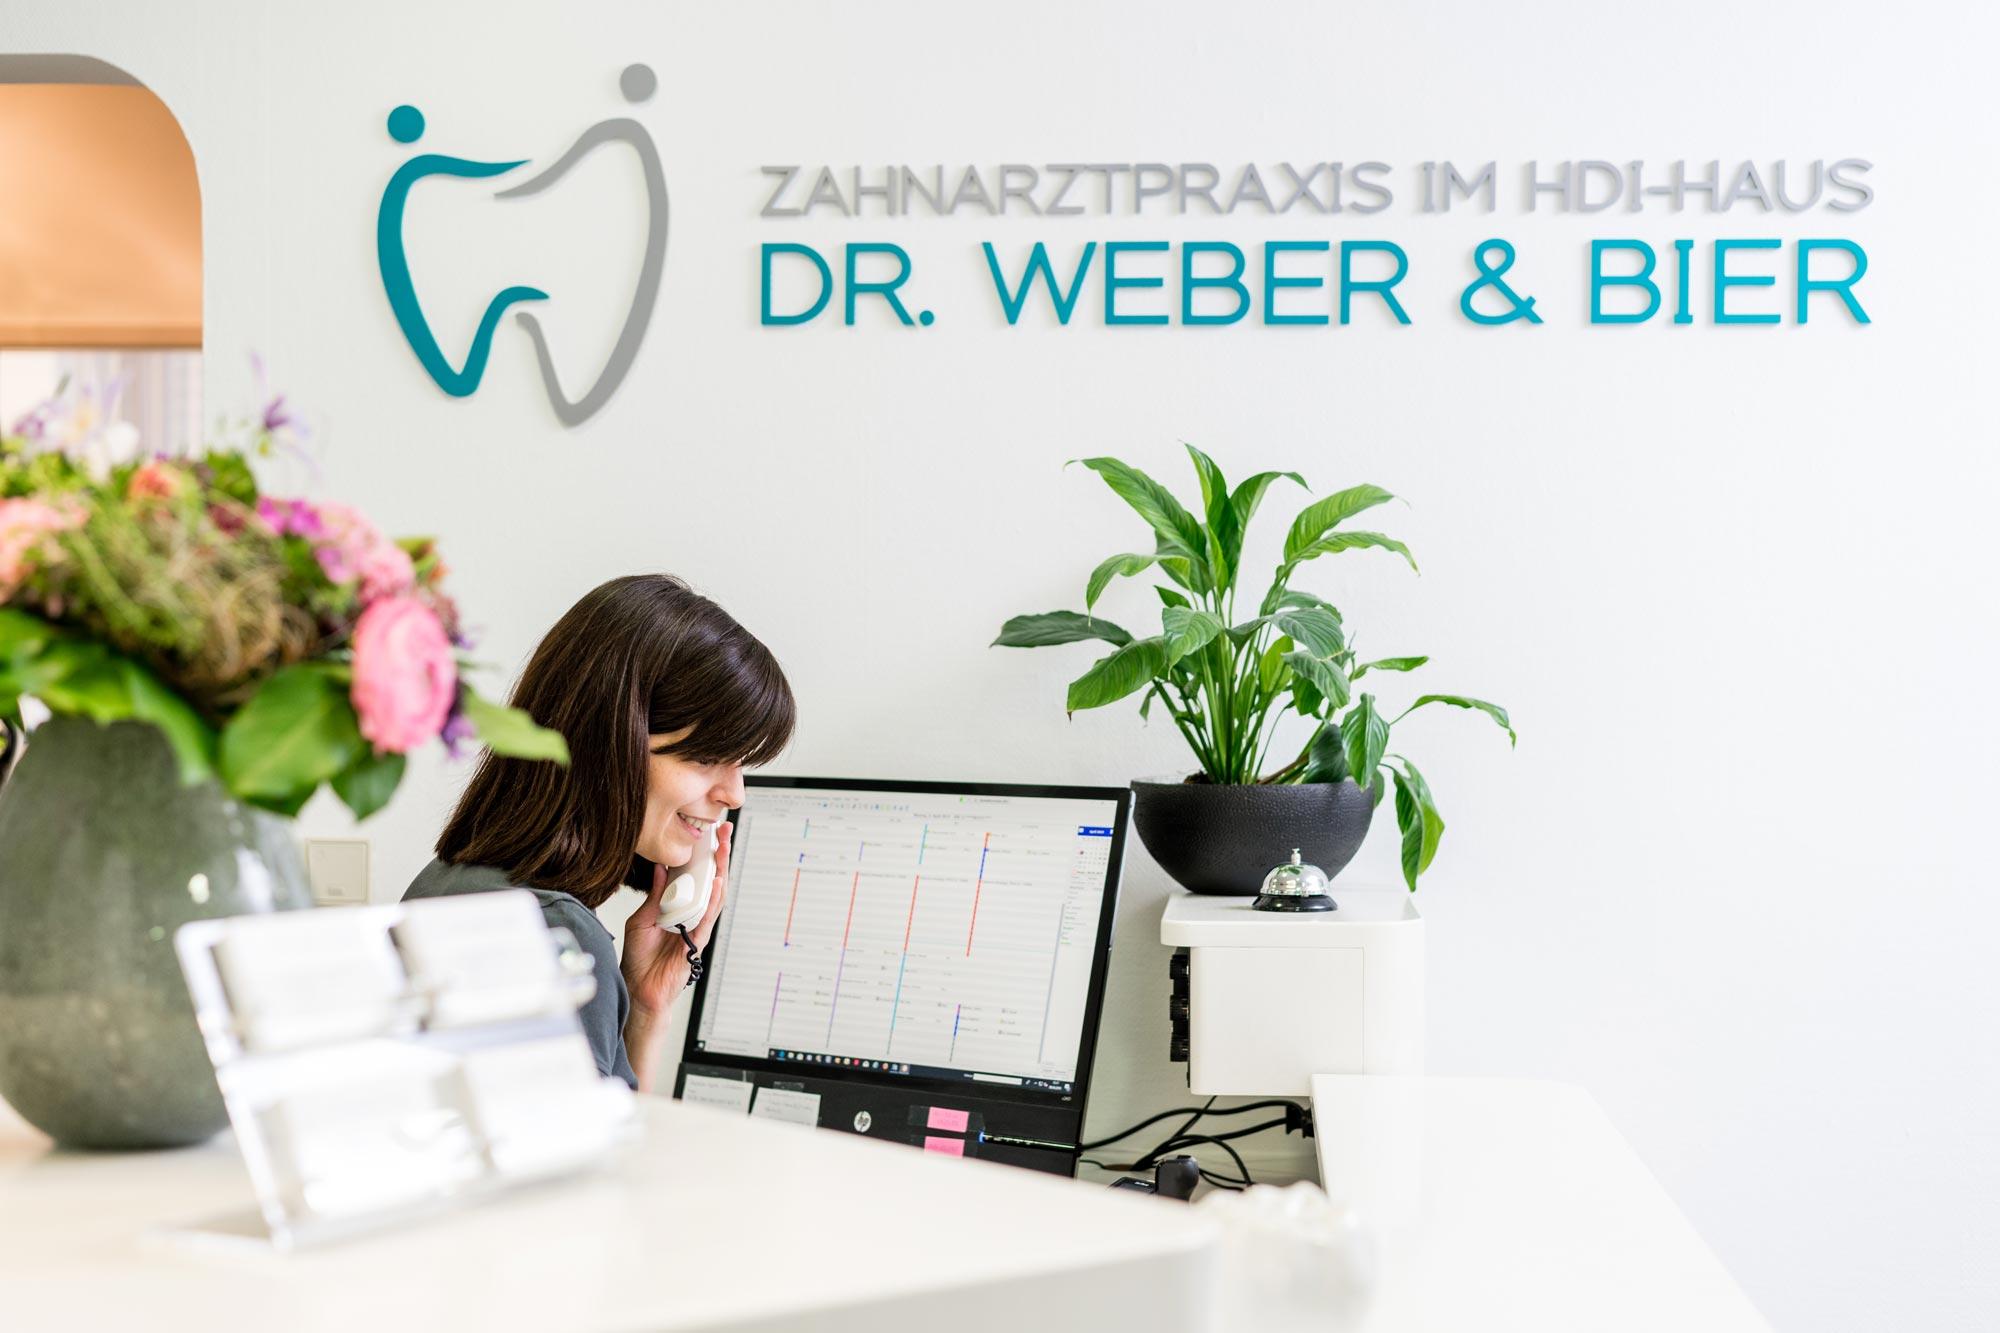 Die Rezeption - Zahnarztpraxis Dr. Weber & Bier in Mainz-Münchfeld im HDI-Gebäude